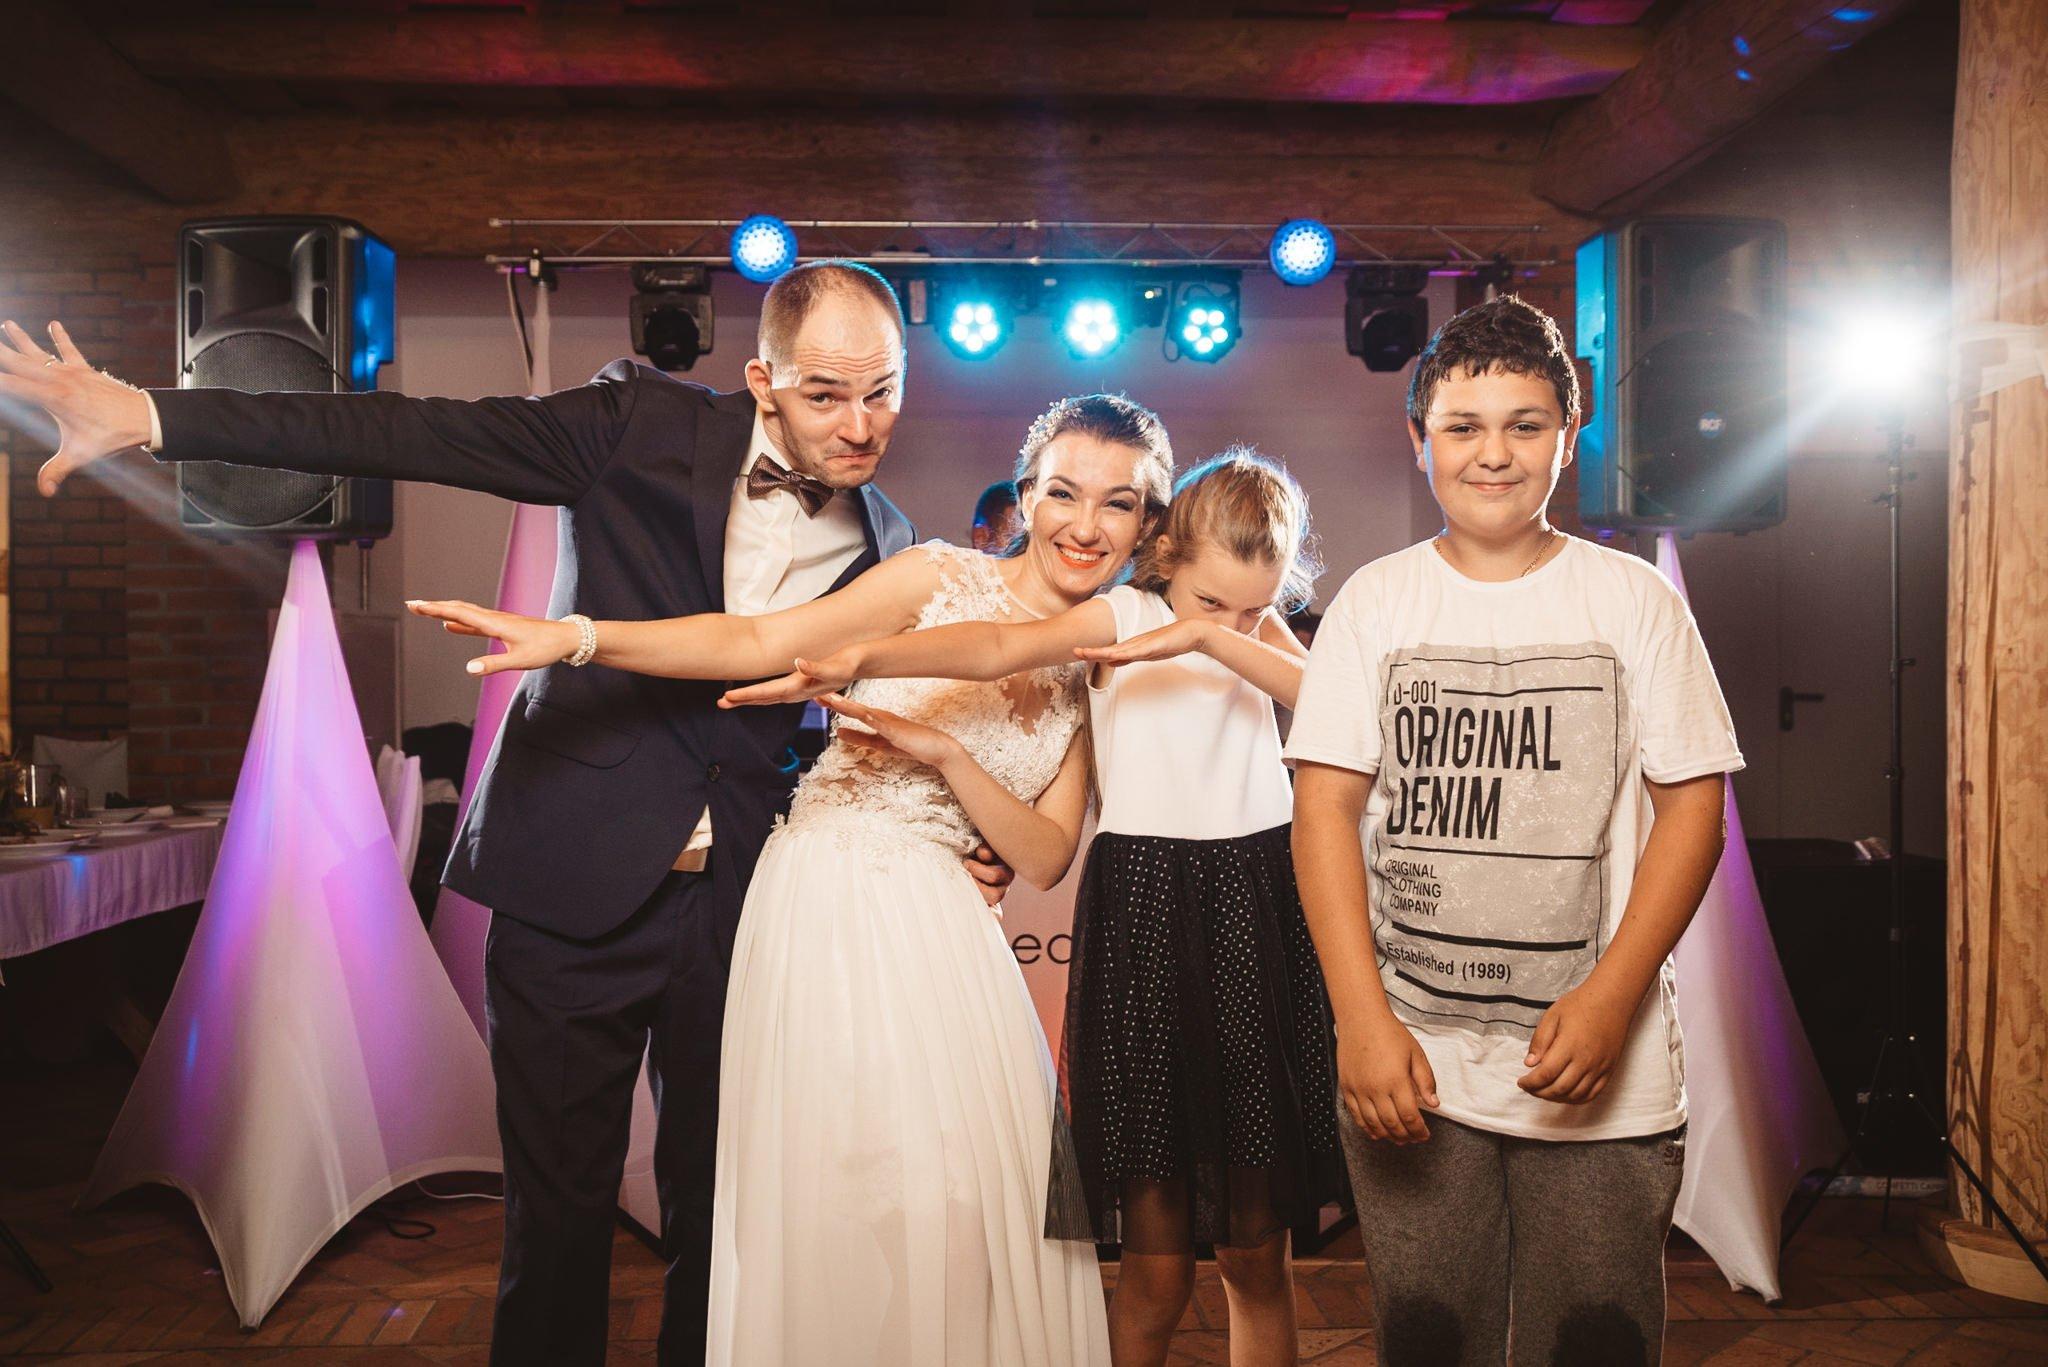 Ala i Arek, czyli jak zorganizować ślub i wesele w 4 tygodnie! 268